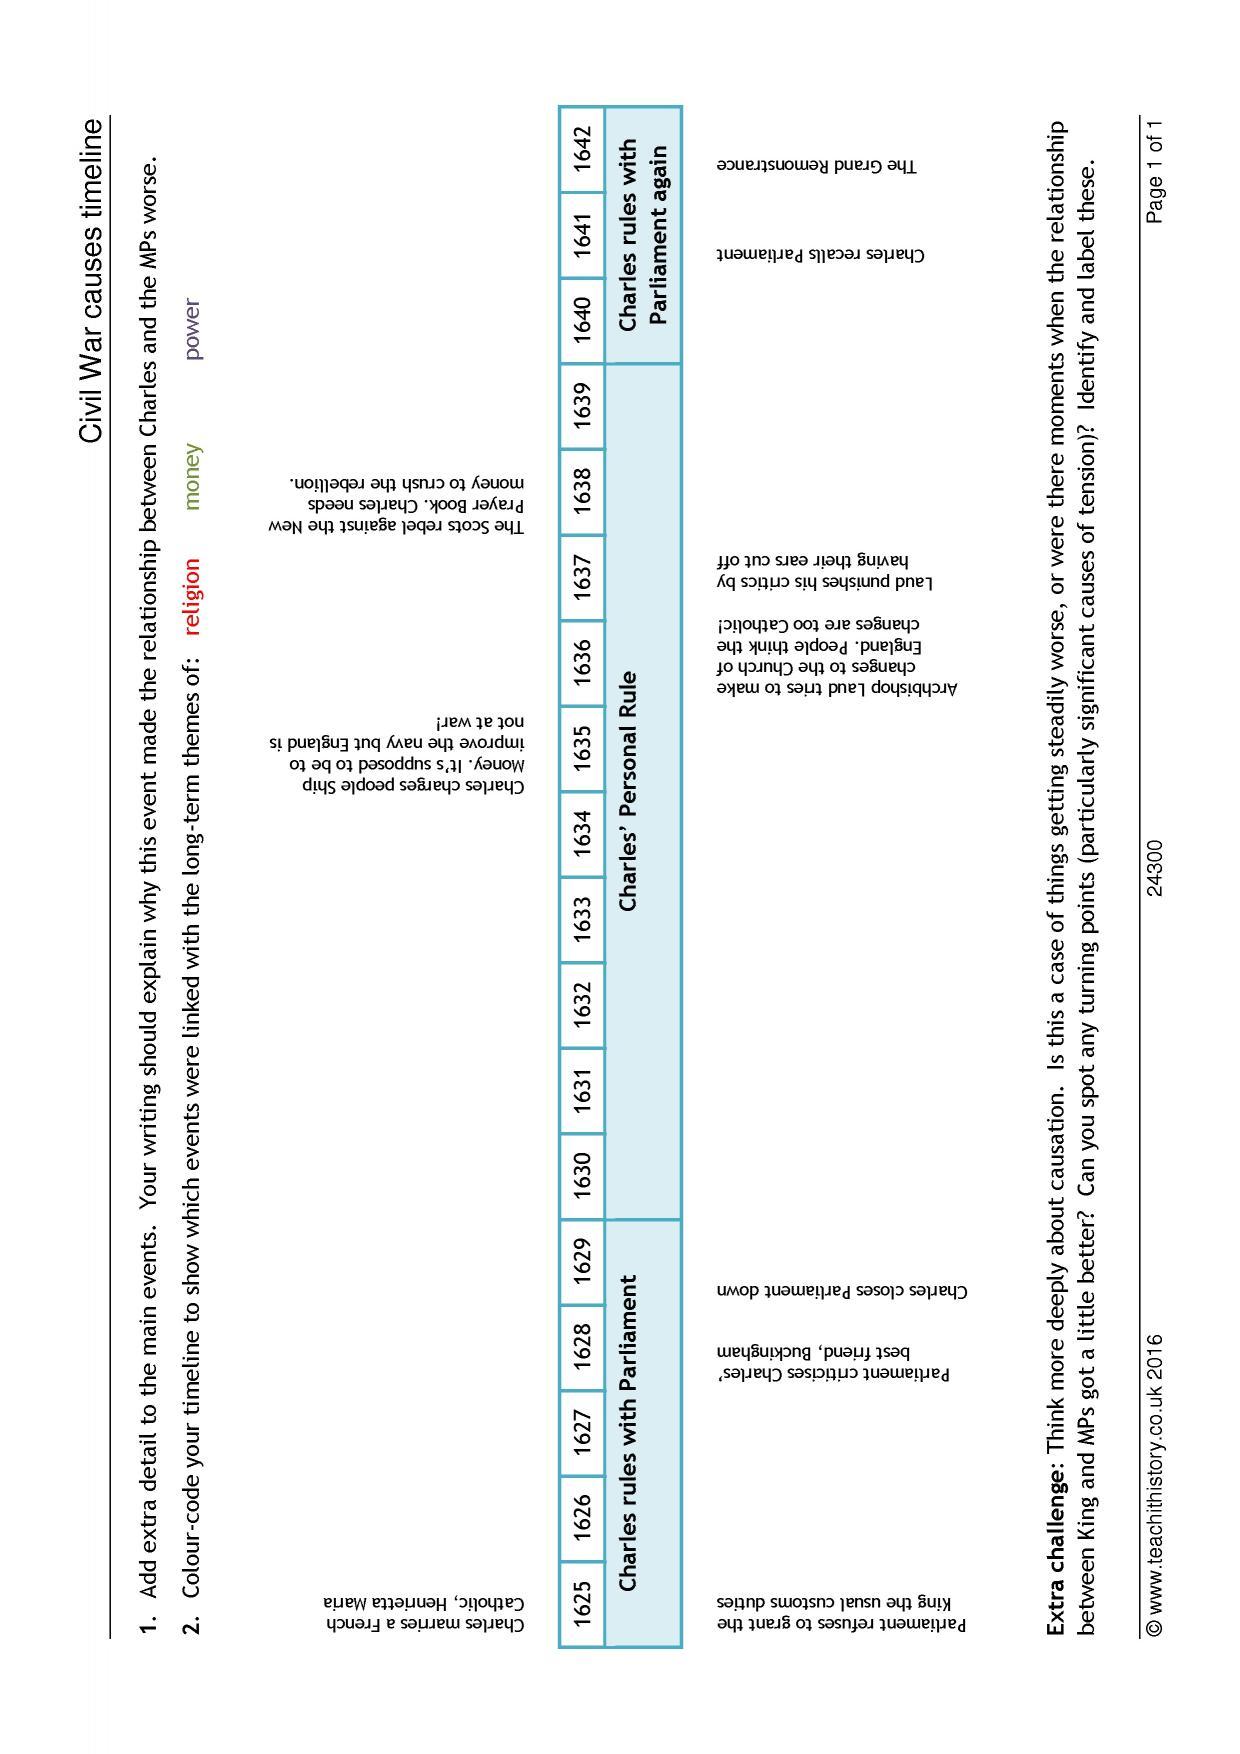 Civil War Causes Timeline